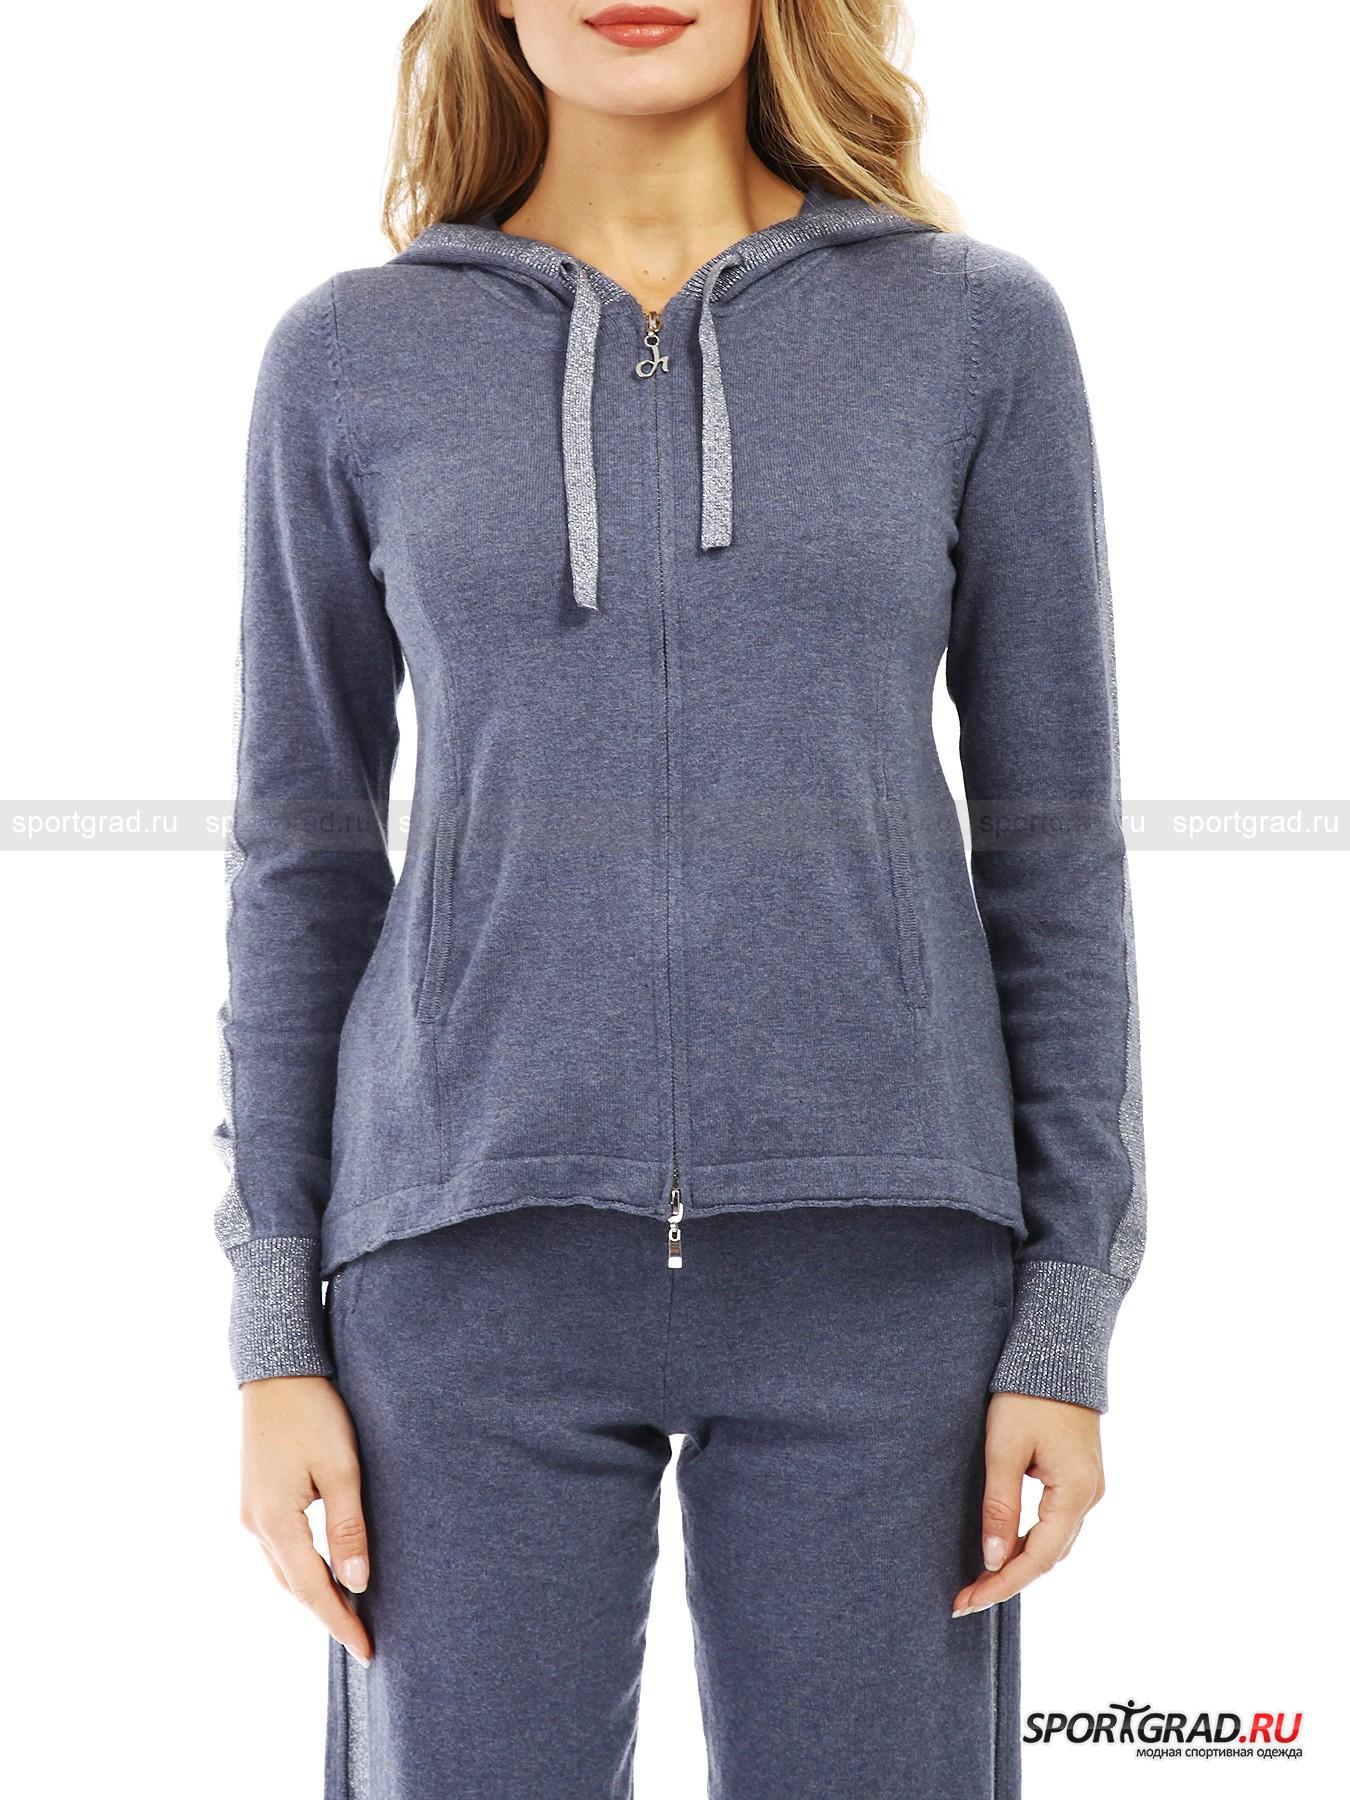 Толстовка жен  Cachemire full zip Sweater DEHAТолстовки<br><br><br>Пол: Женский<br>Возраст: Взрослый<br>Тип: Толстовки